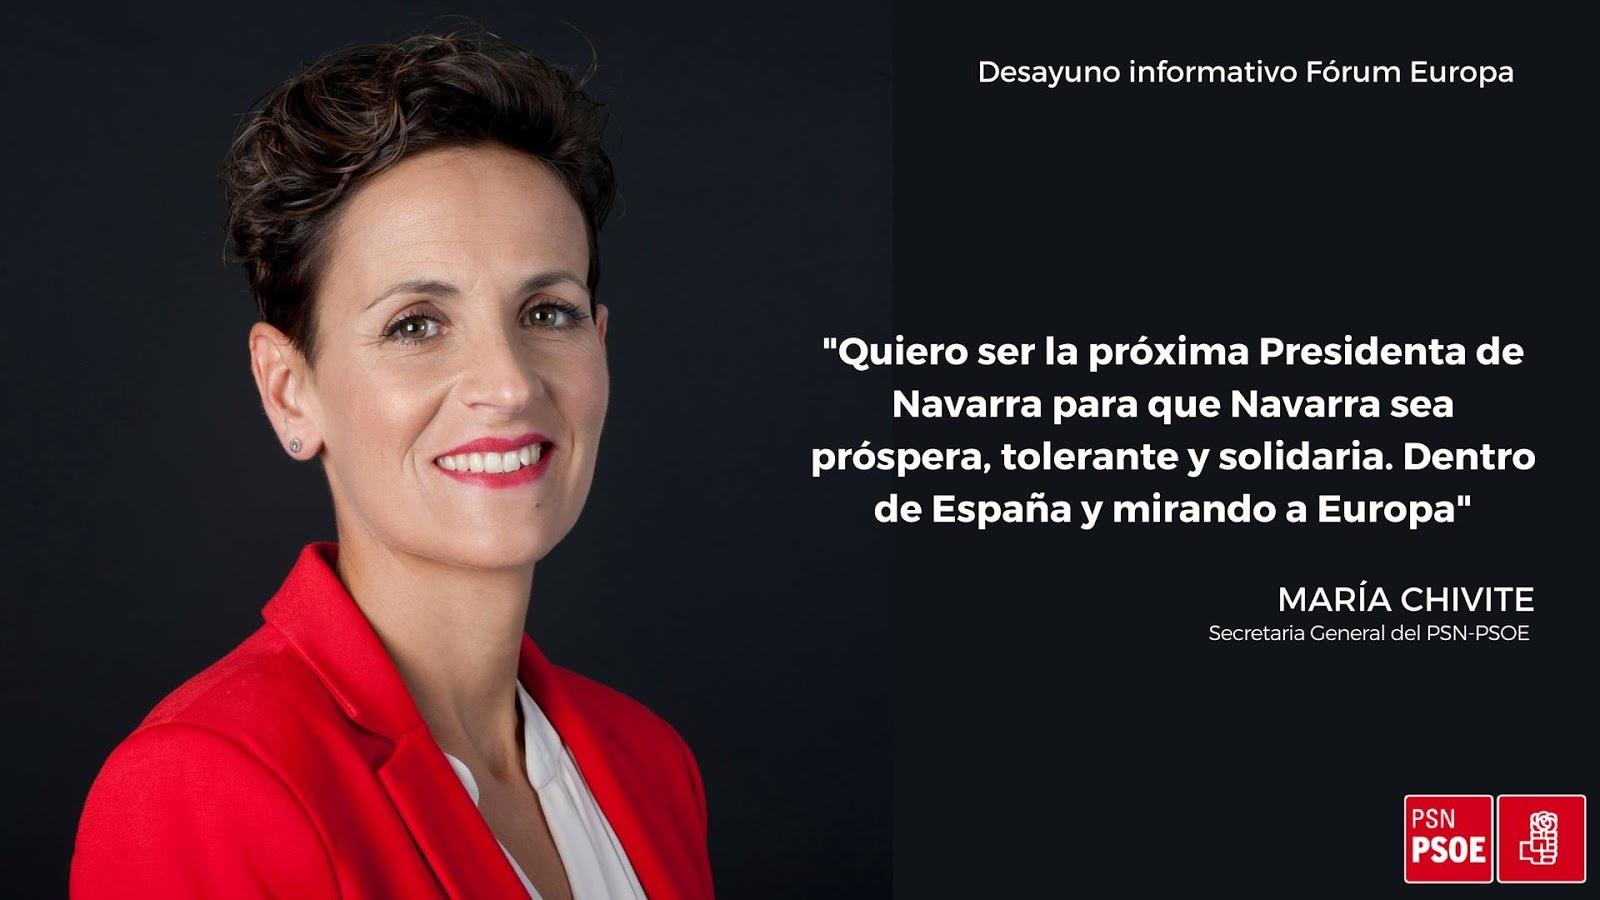 """María Chivite """"La influencia creciente del PSN-PSOE servirá para desbloquear Navarra"""""""